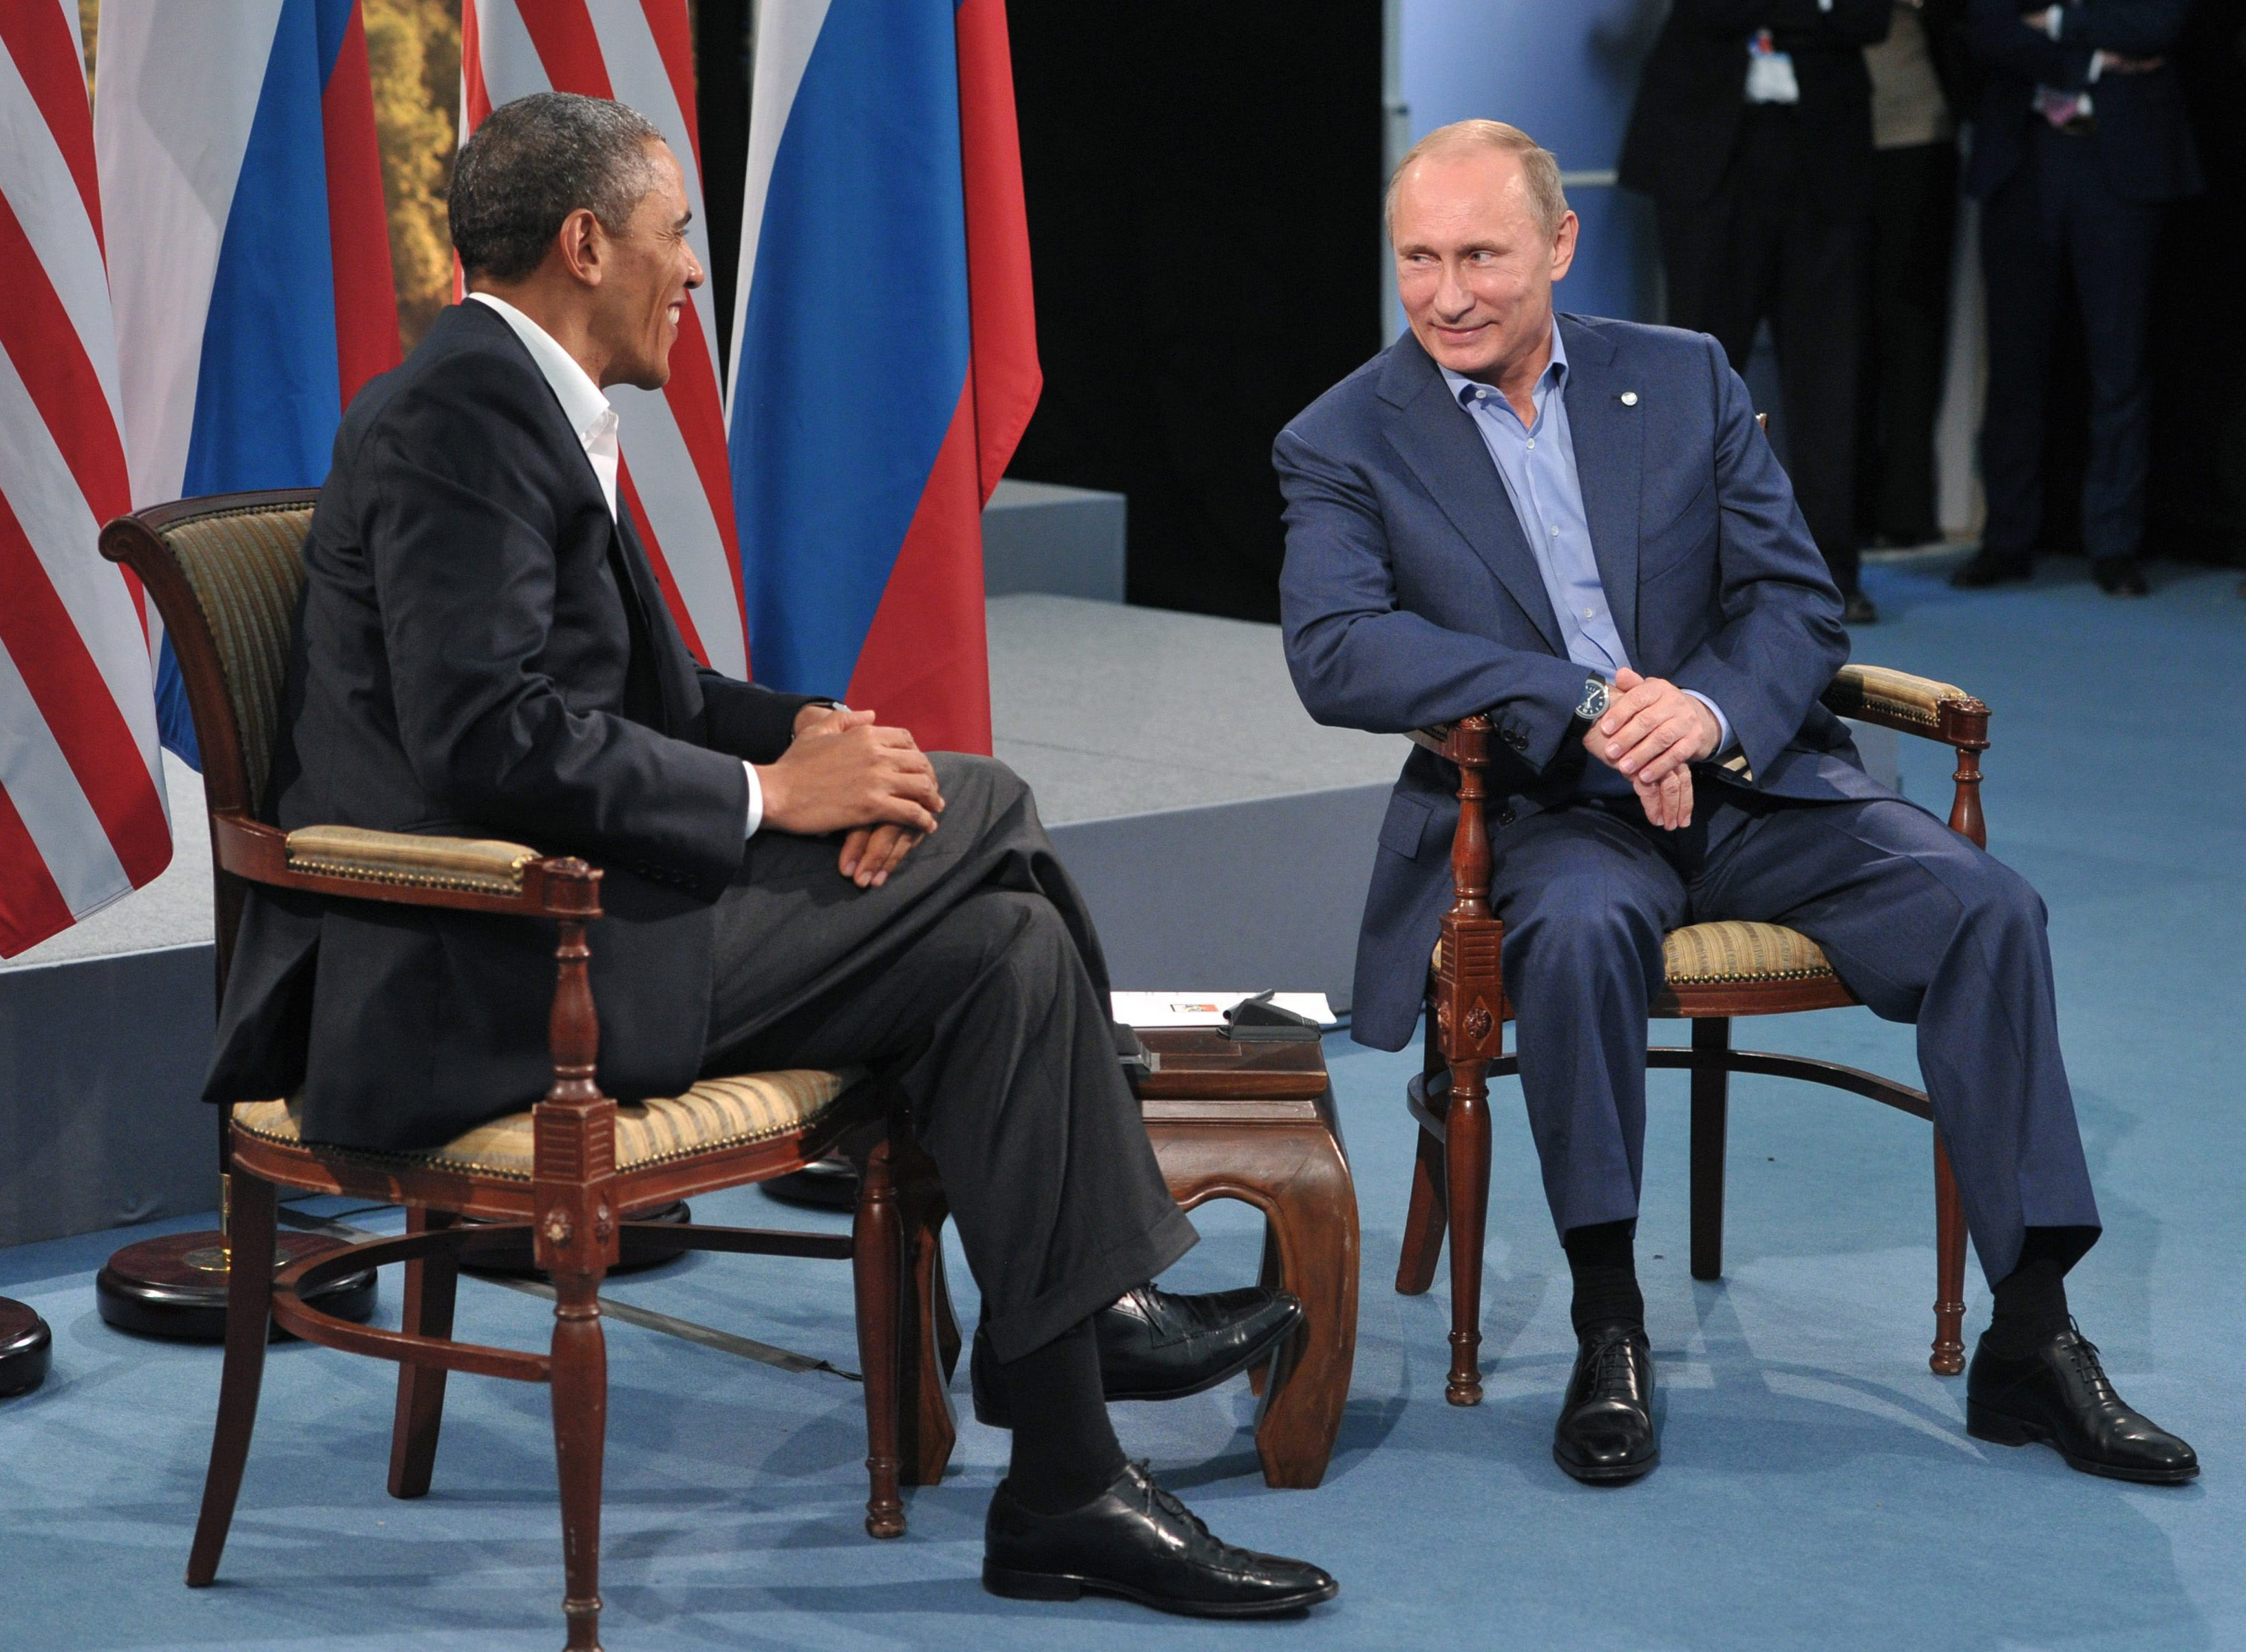 El ministro de Exteriores de Rusia: «Snowden nunca ha cruzado nuestra frontera»